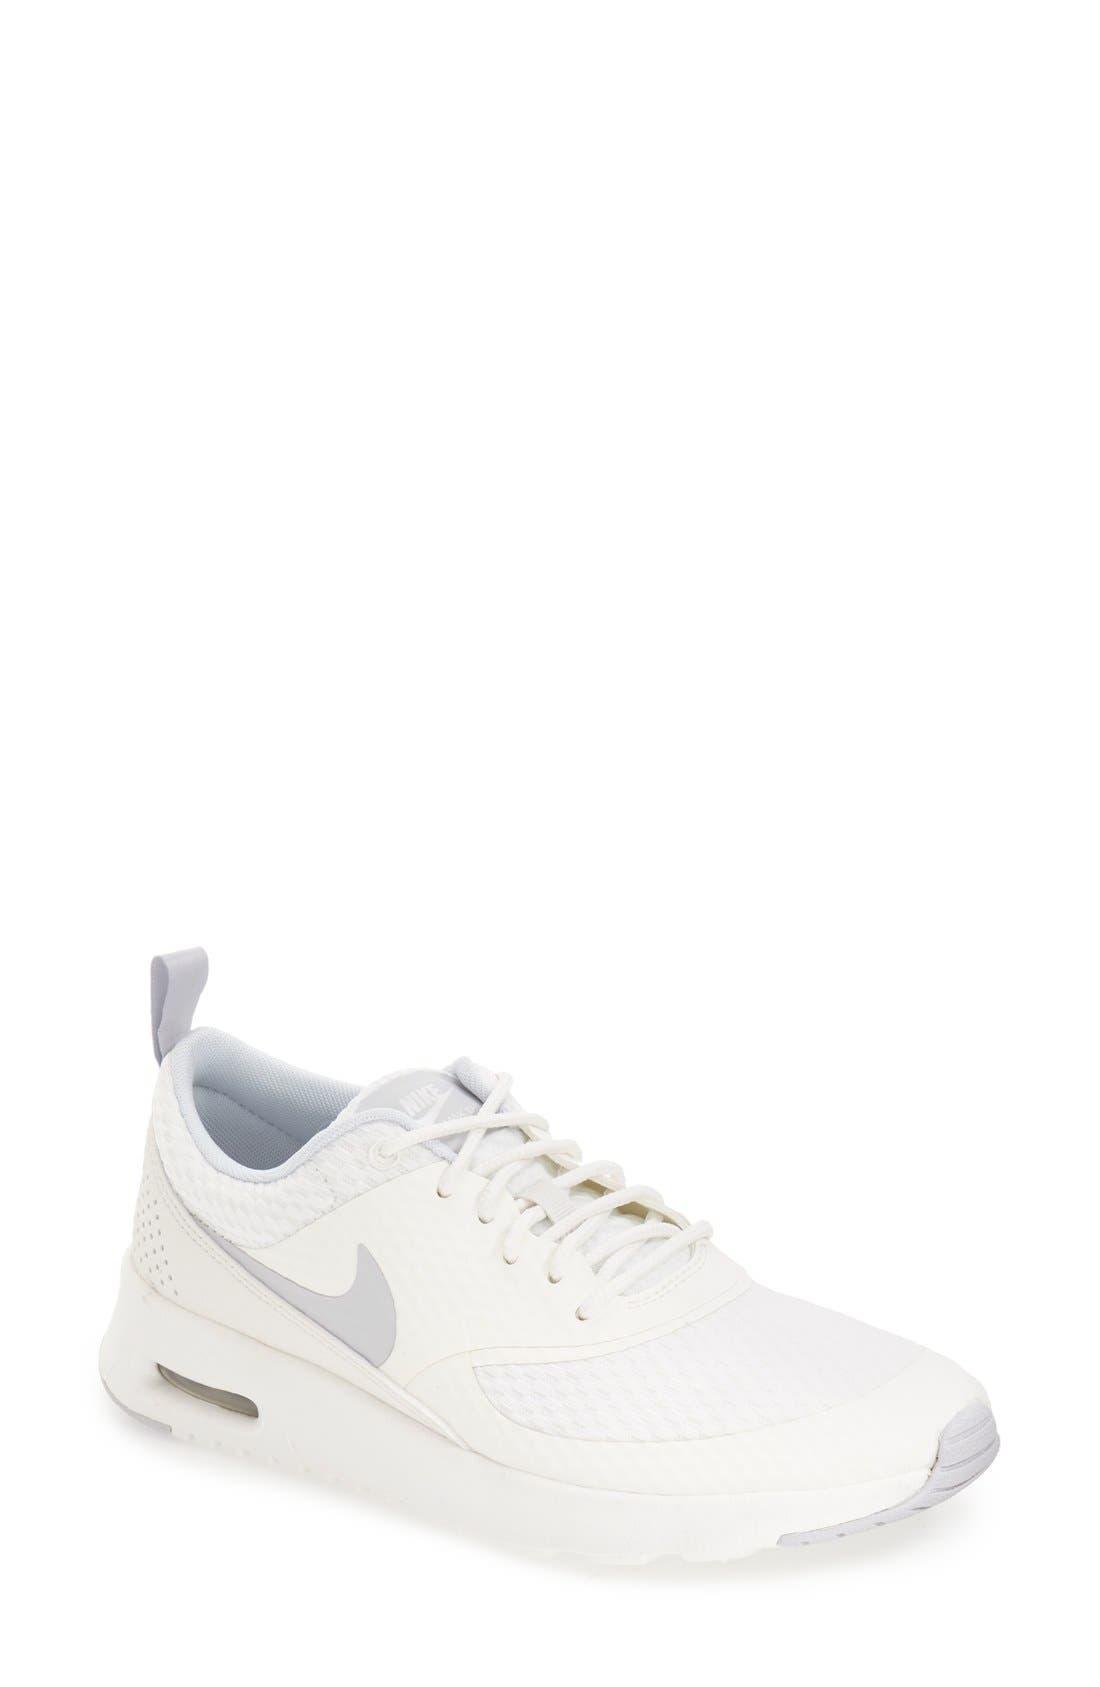 Alternate Image 1 Selected - Nike 'Air Max Thea' Sneaker (Women)